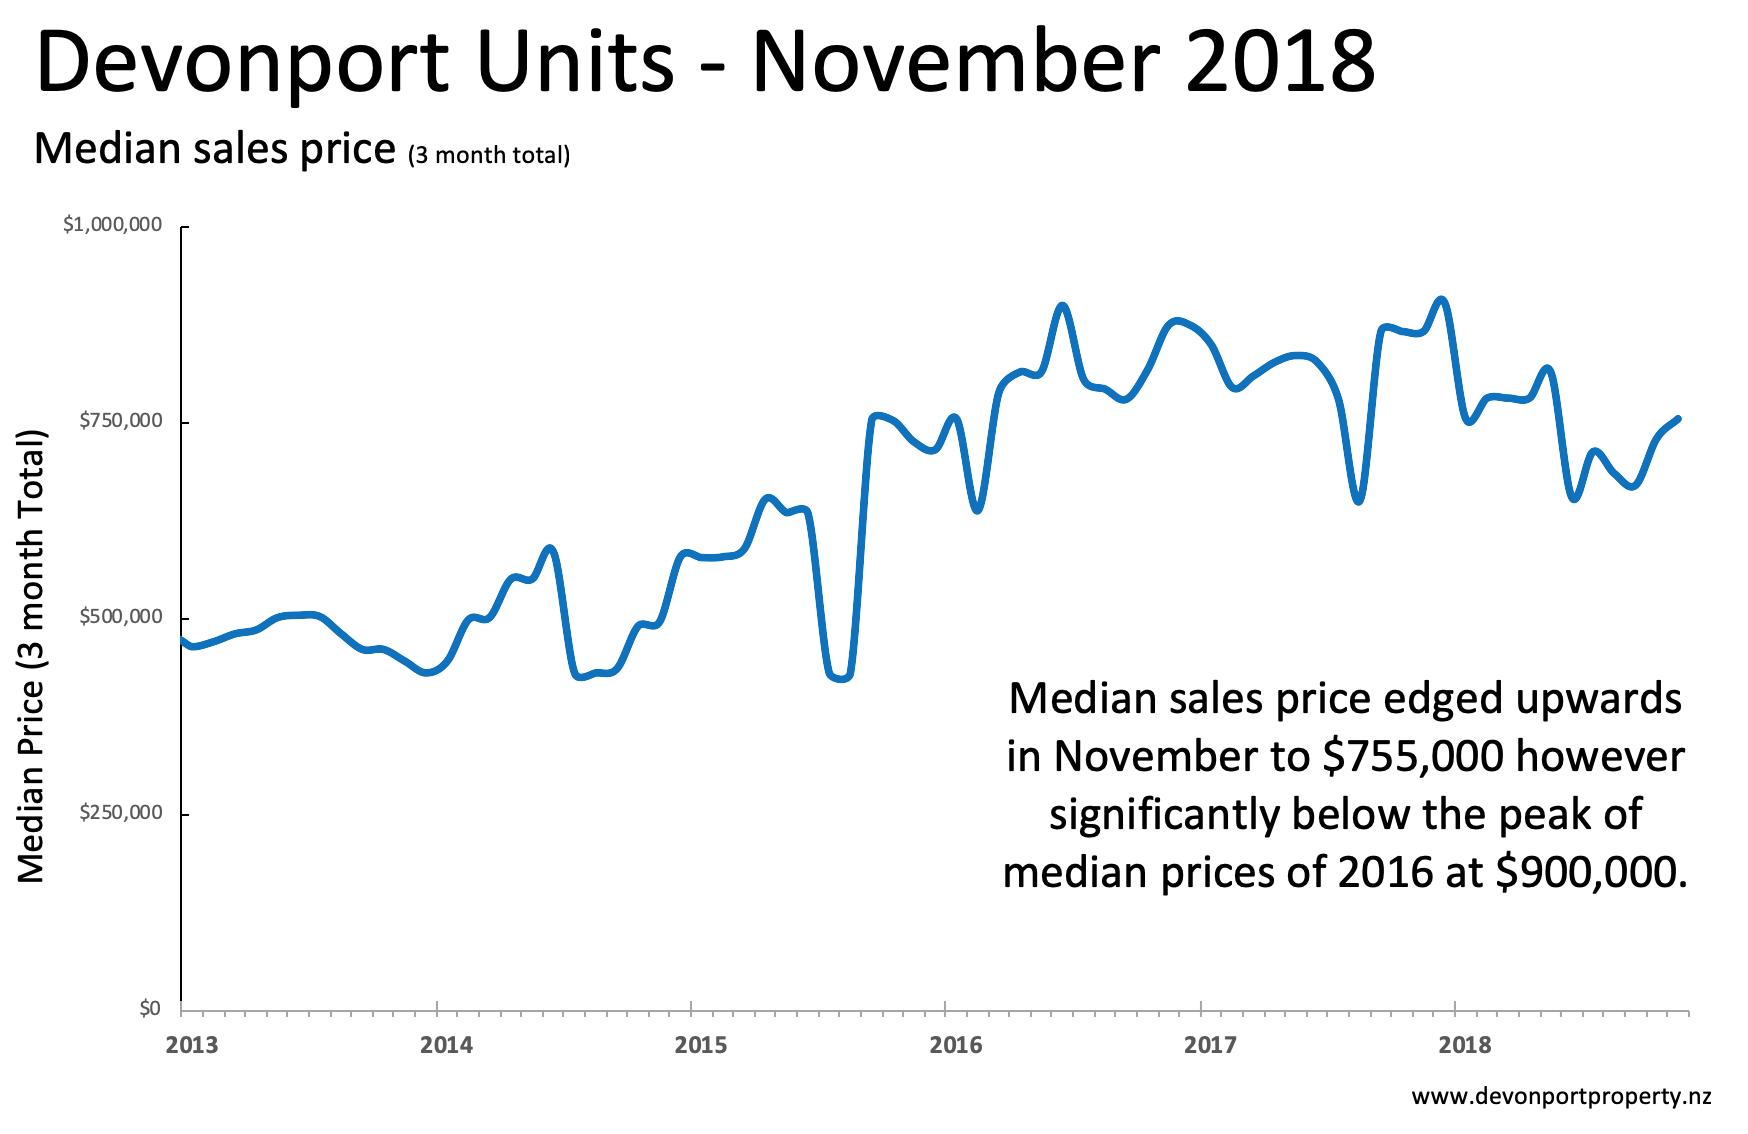 Devonport Property Nov 2018 - Unit median price 3MMT .png